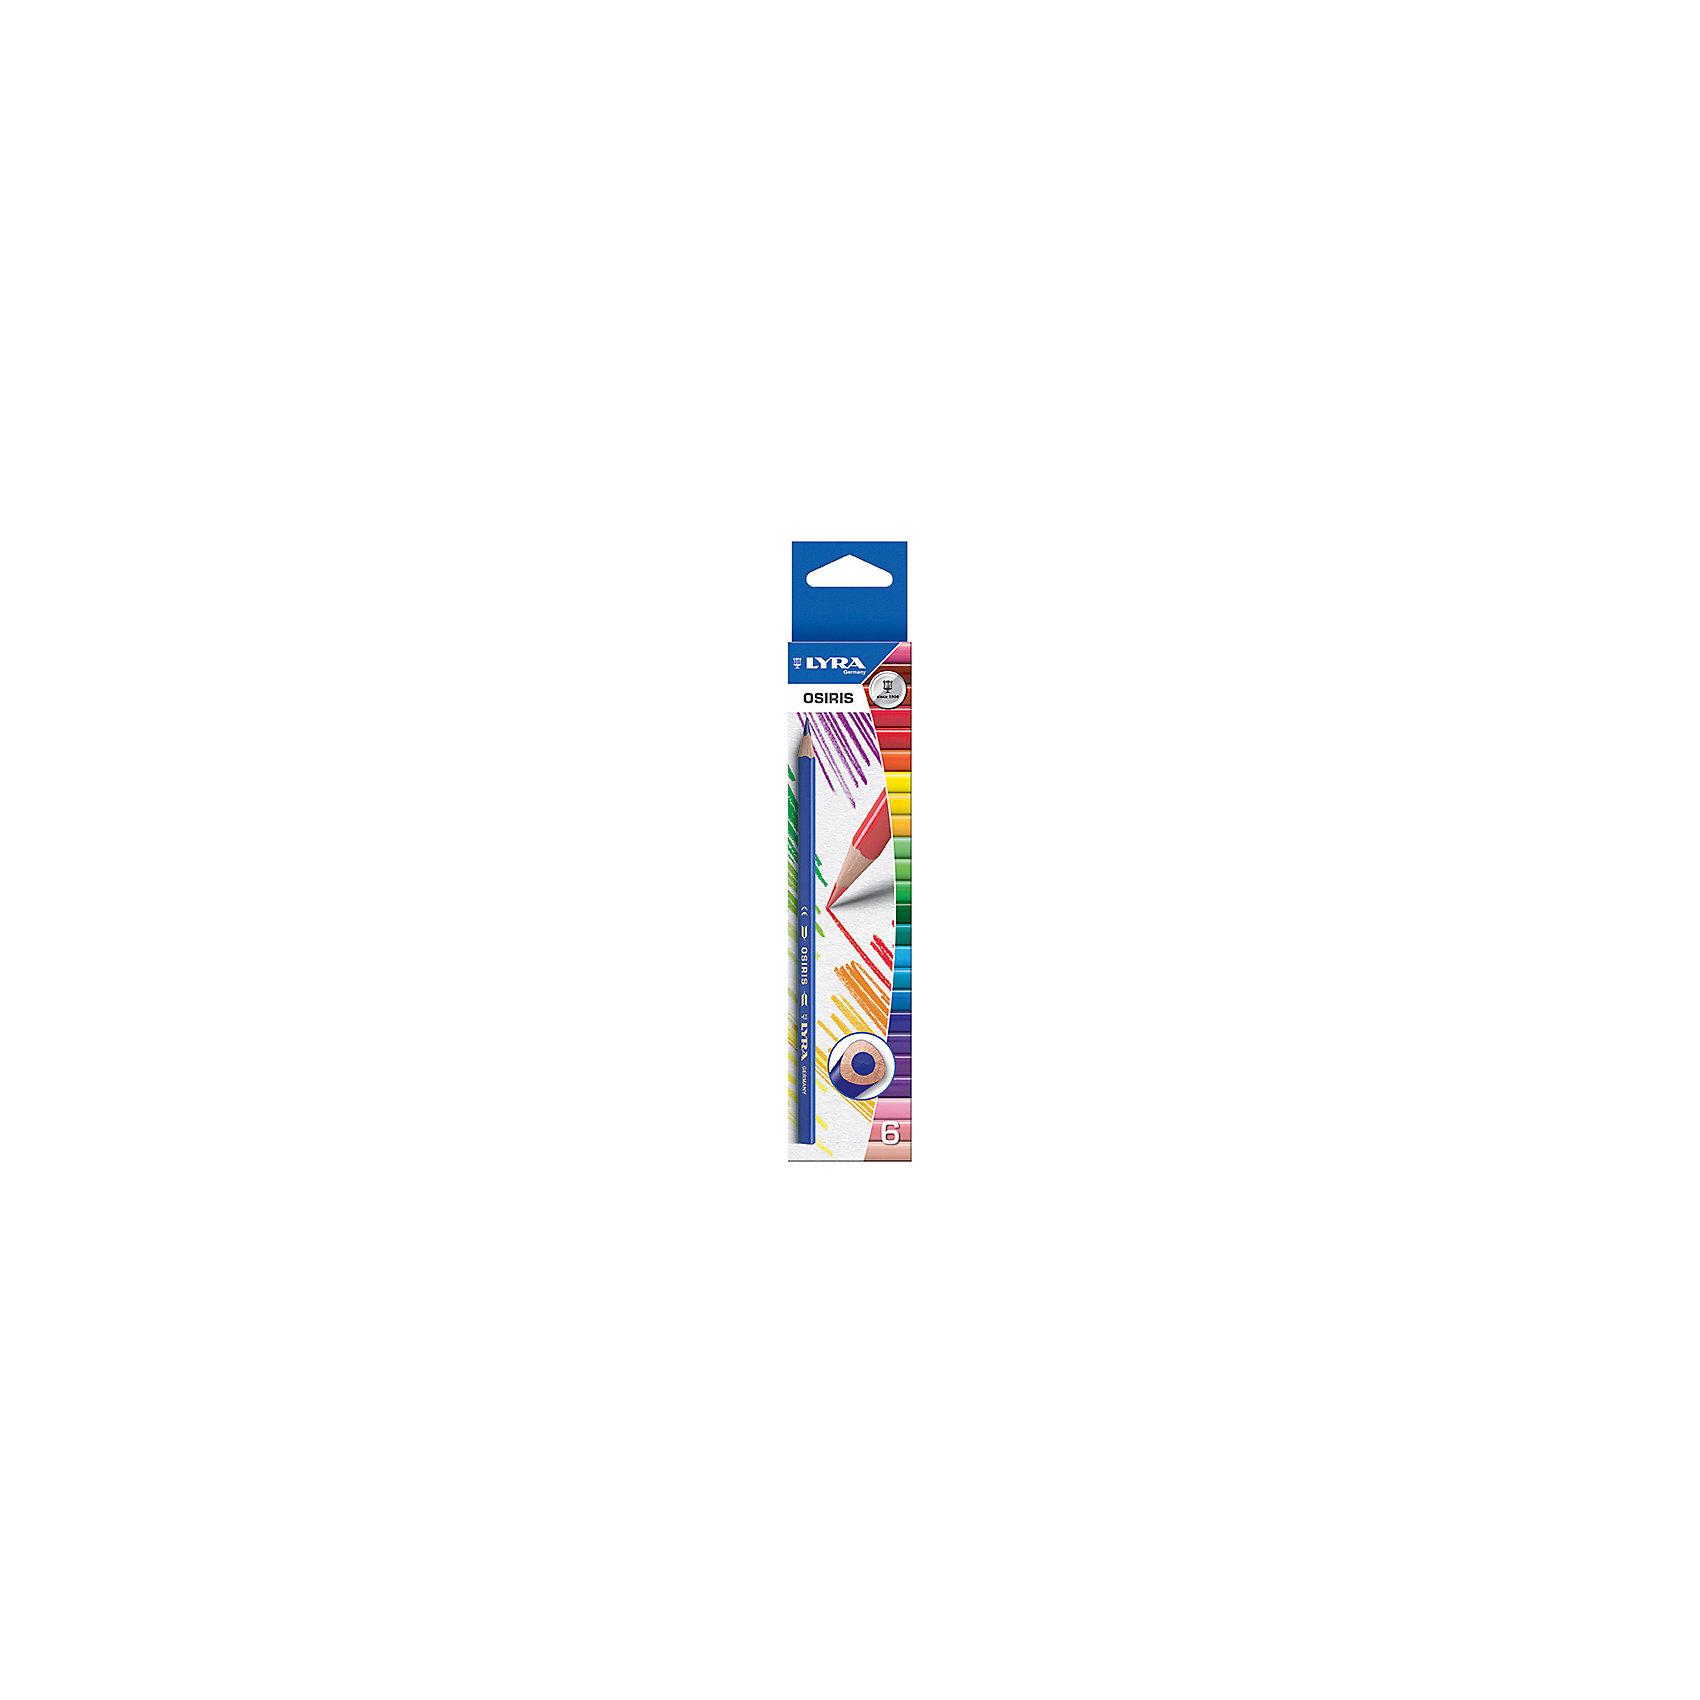 Цветные треугольные карандаши, 6 шт.Письменные принадлежности<br>Цветные треугольные карандаши, 6 шт.  Диаметр грифеля 2,8 мм. Экономичная линейка карандашей<br><br>Ширина мм: 11<br>Глубина мм: 218<br>Высота мм: 48<br>Вес г: 21<br>Возраст от месяцев: 36<br>Возраст до месяцев: 84<br>Пол: Унисекс<br>Возраст: Детский<br>SKU: 5124956